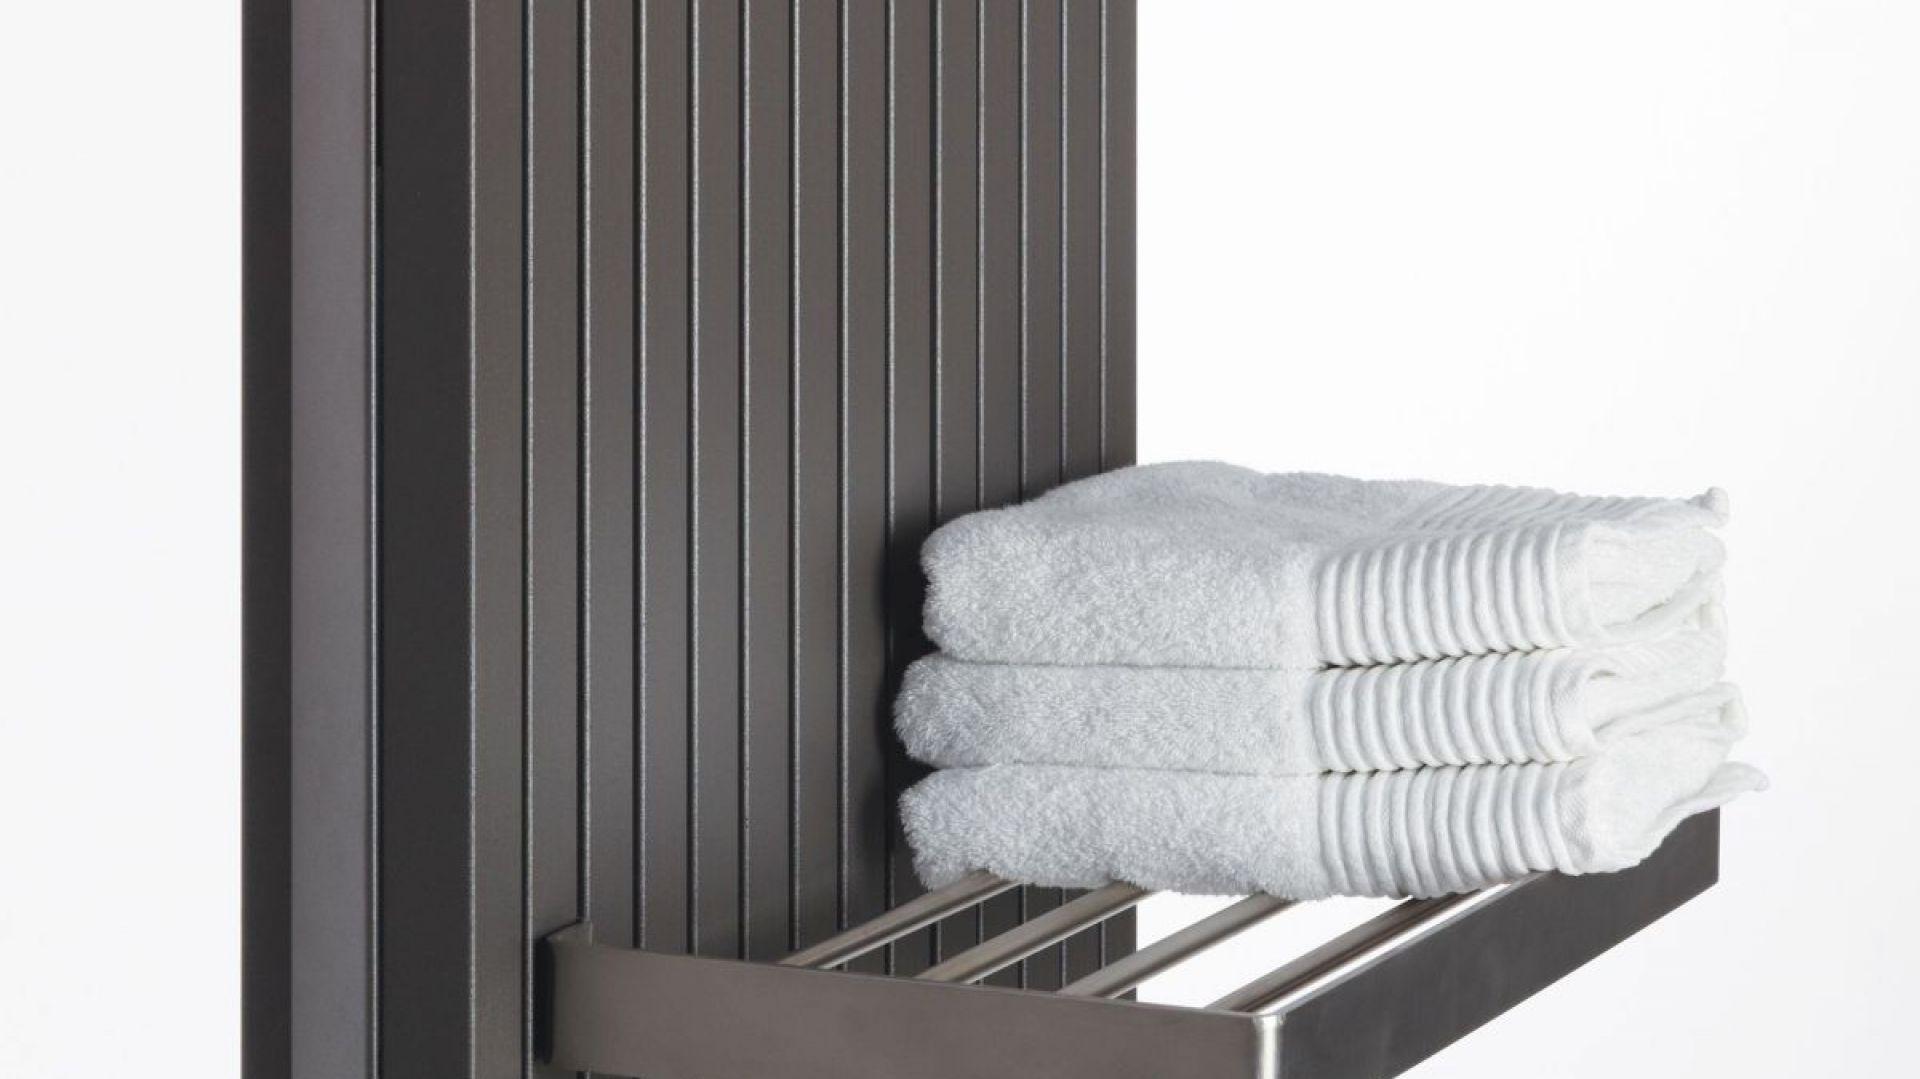 Grzejnik dekoracyjny Tetra z półką na ręczniki. Fot. Tetra